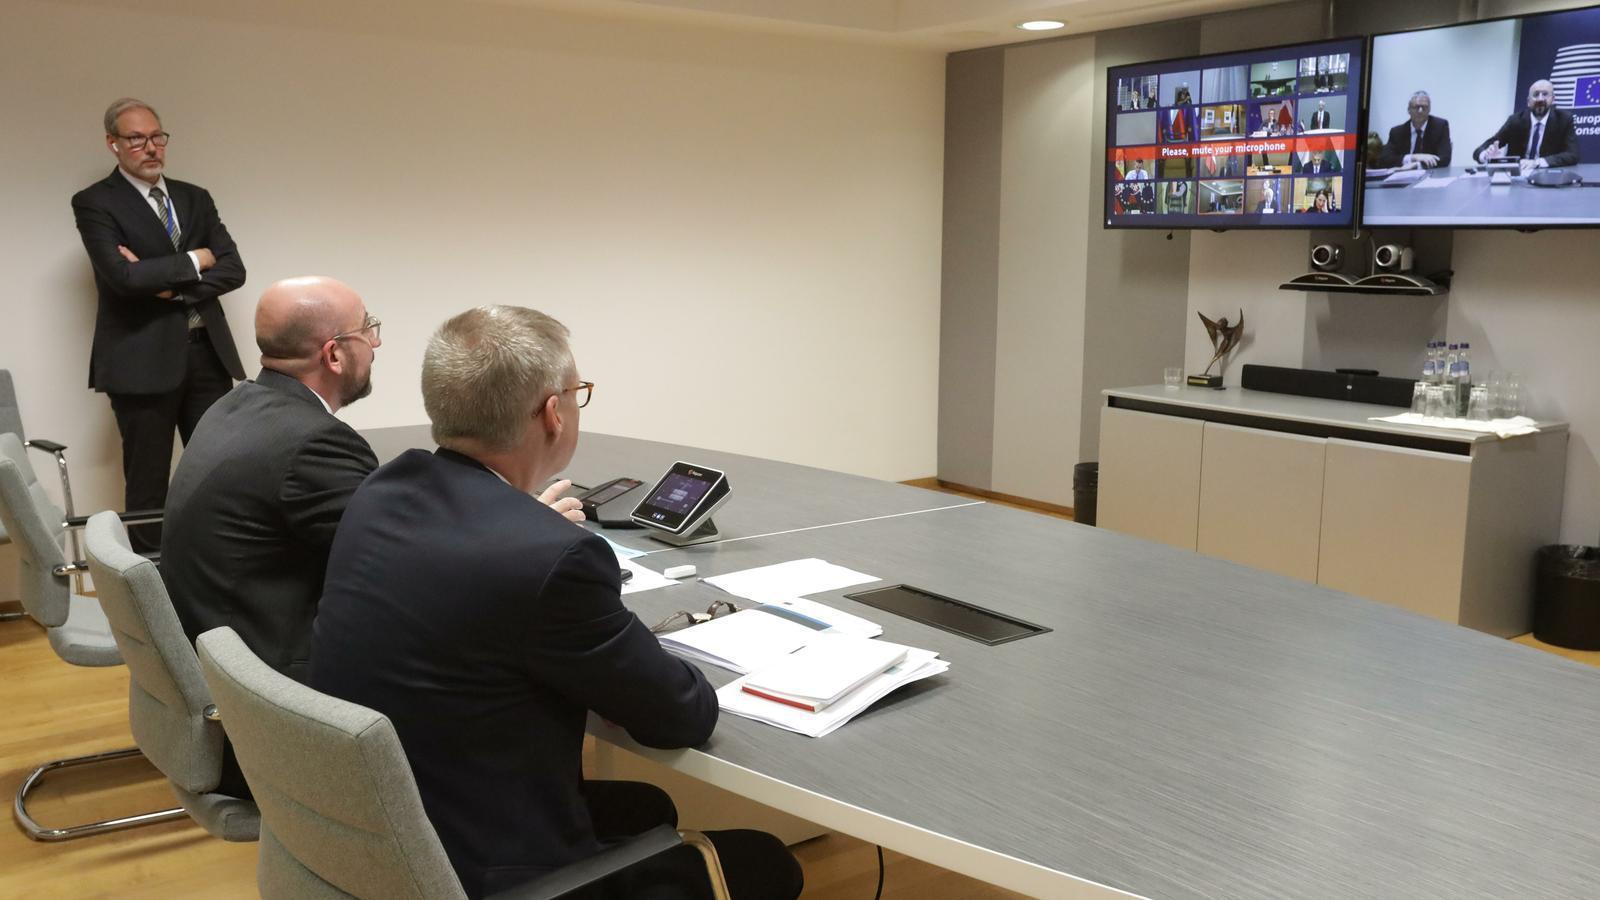 El president del Consell Europeu, Charles Michel, en videoconferència amb els líders de la UE